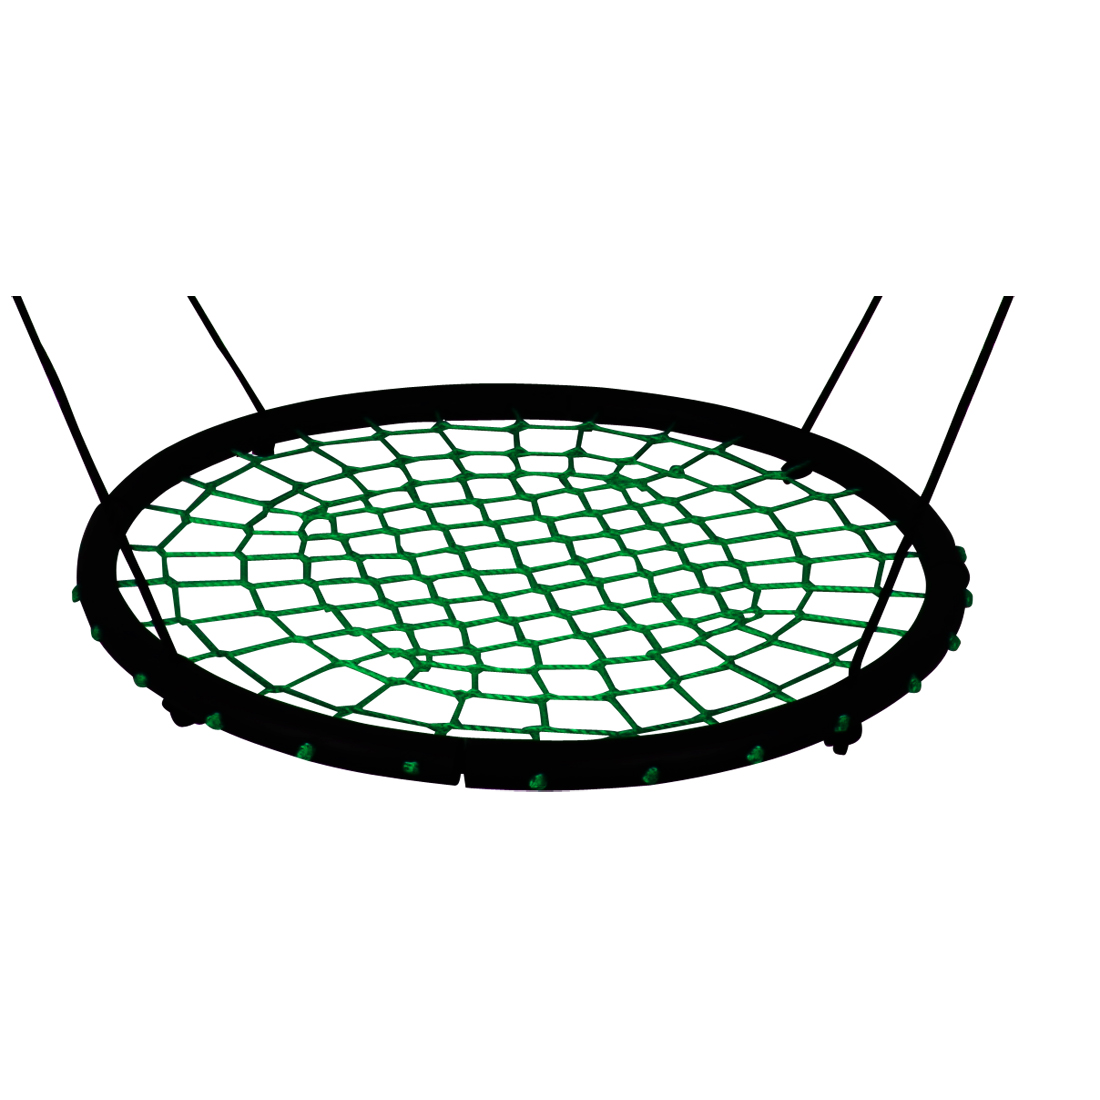 Enfants ronde nid nid balançoire intérieure et extérieure cintre enfants net corde stout swing jouets pour bébés portant 200 kg diamètre 100 cm - 3